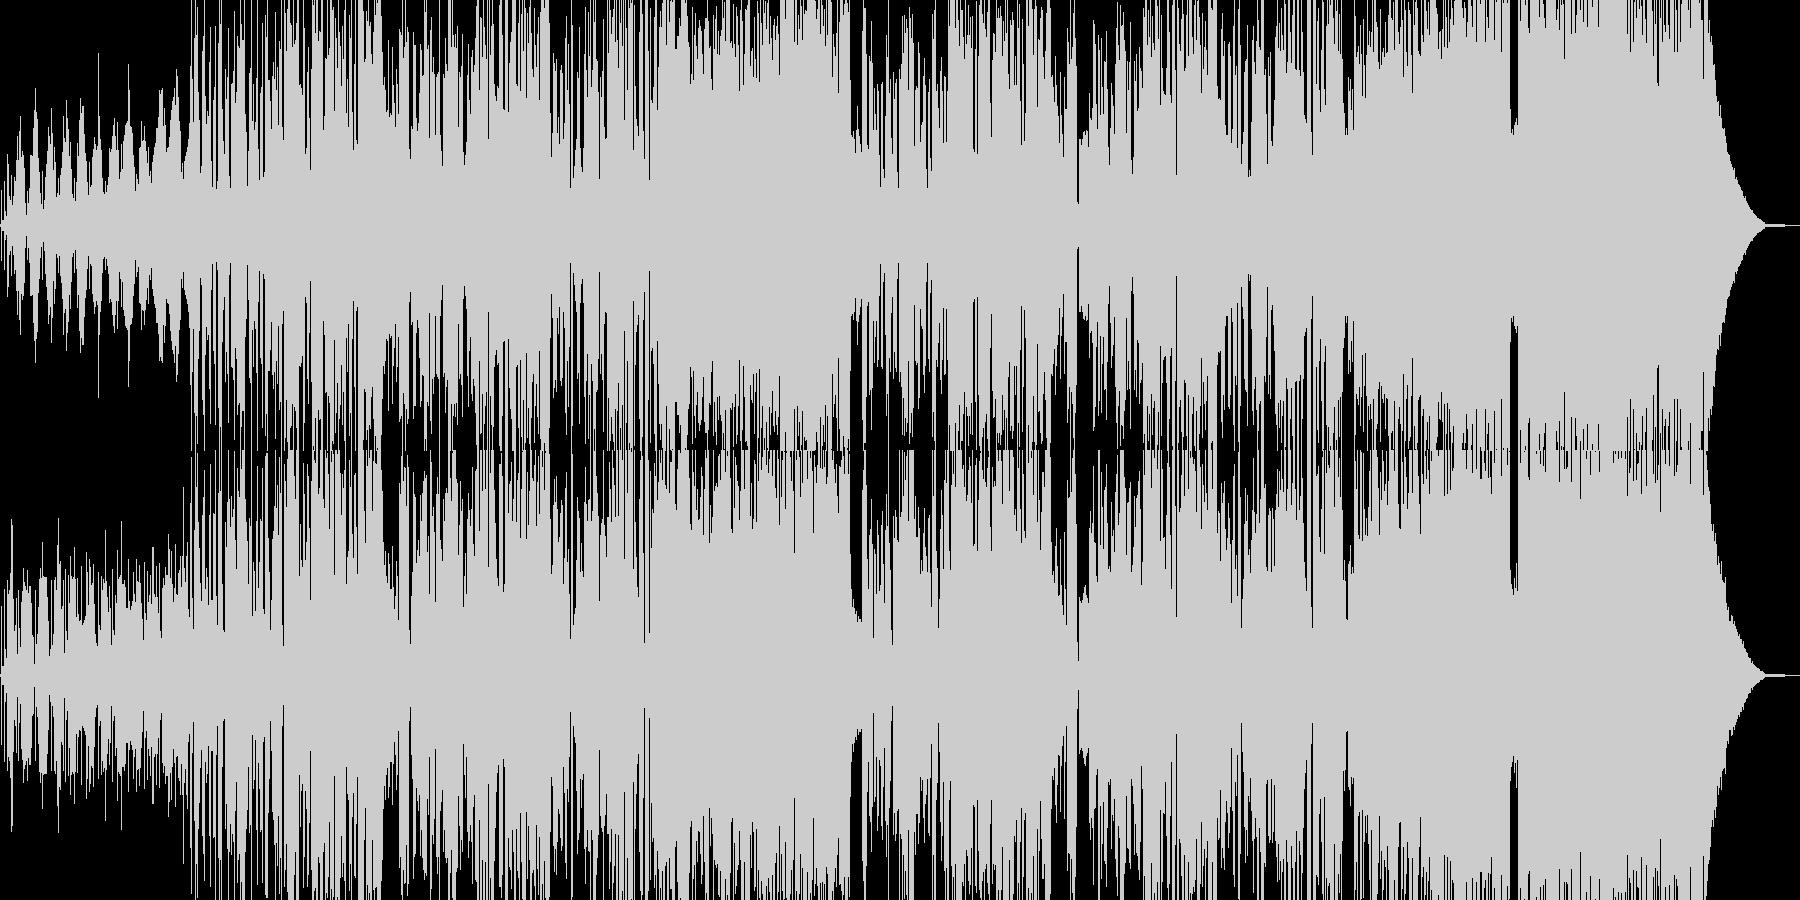 大自然イメージのドラムンベースの未再生の波形